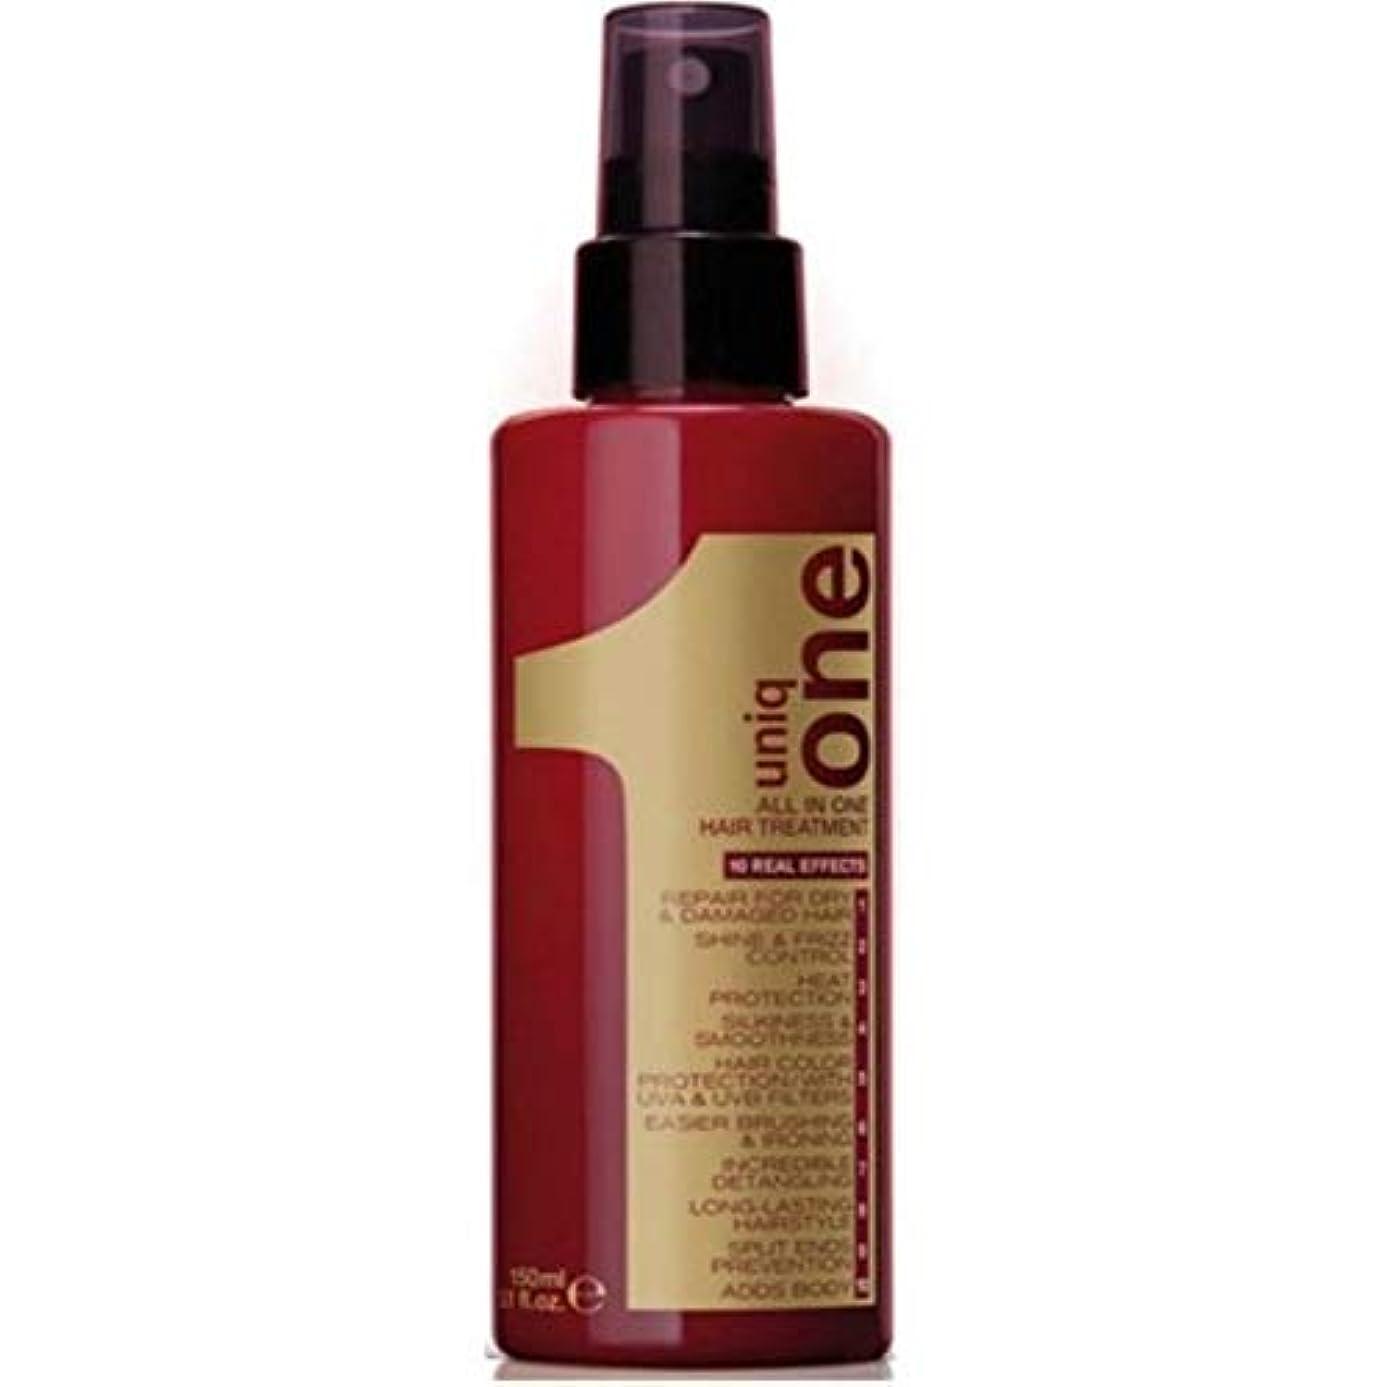 あいまいな多数の雄弁家Uniq One Revlon All In One Hair Treatment 5.1Oz. - New Original by Uniq One by Uniq One